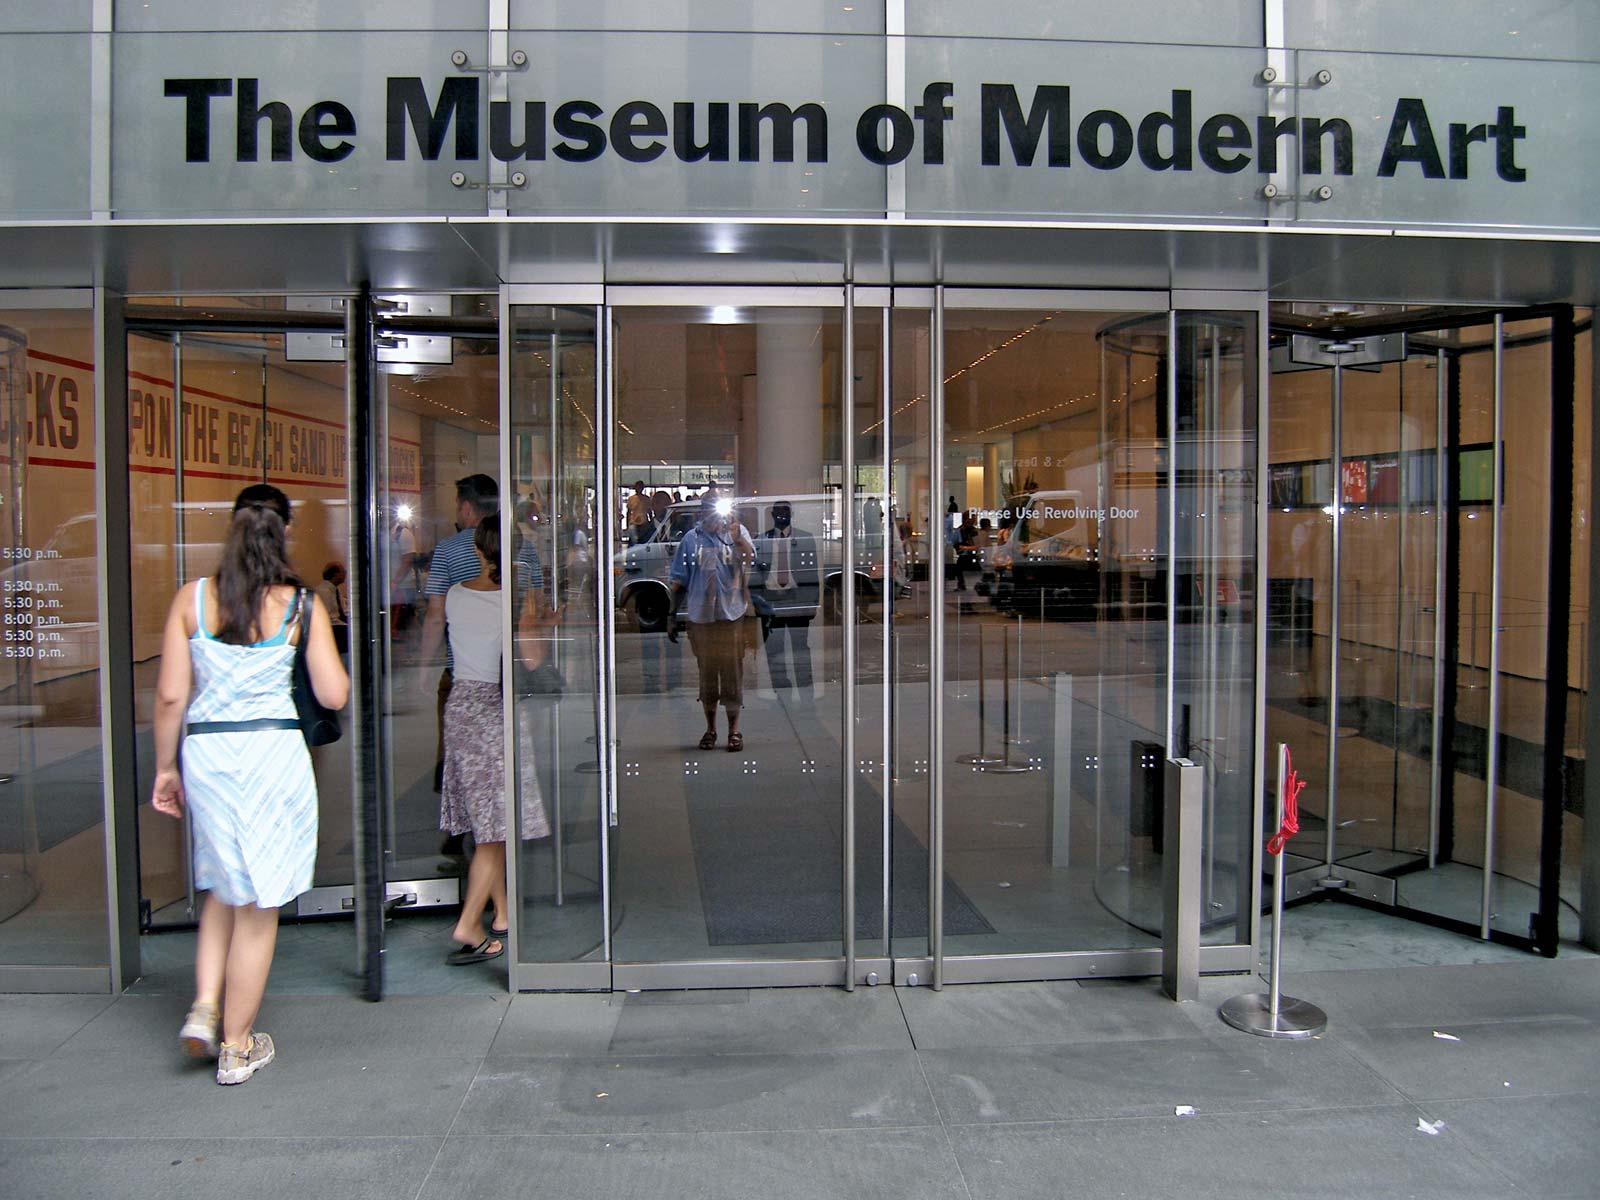 Muzeul de artă modernă din New York